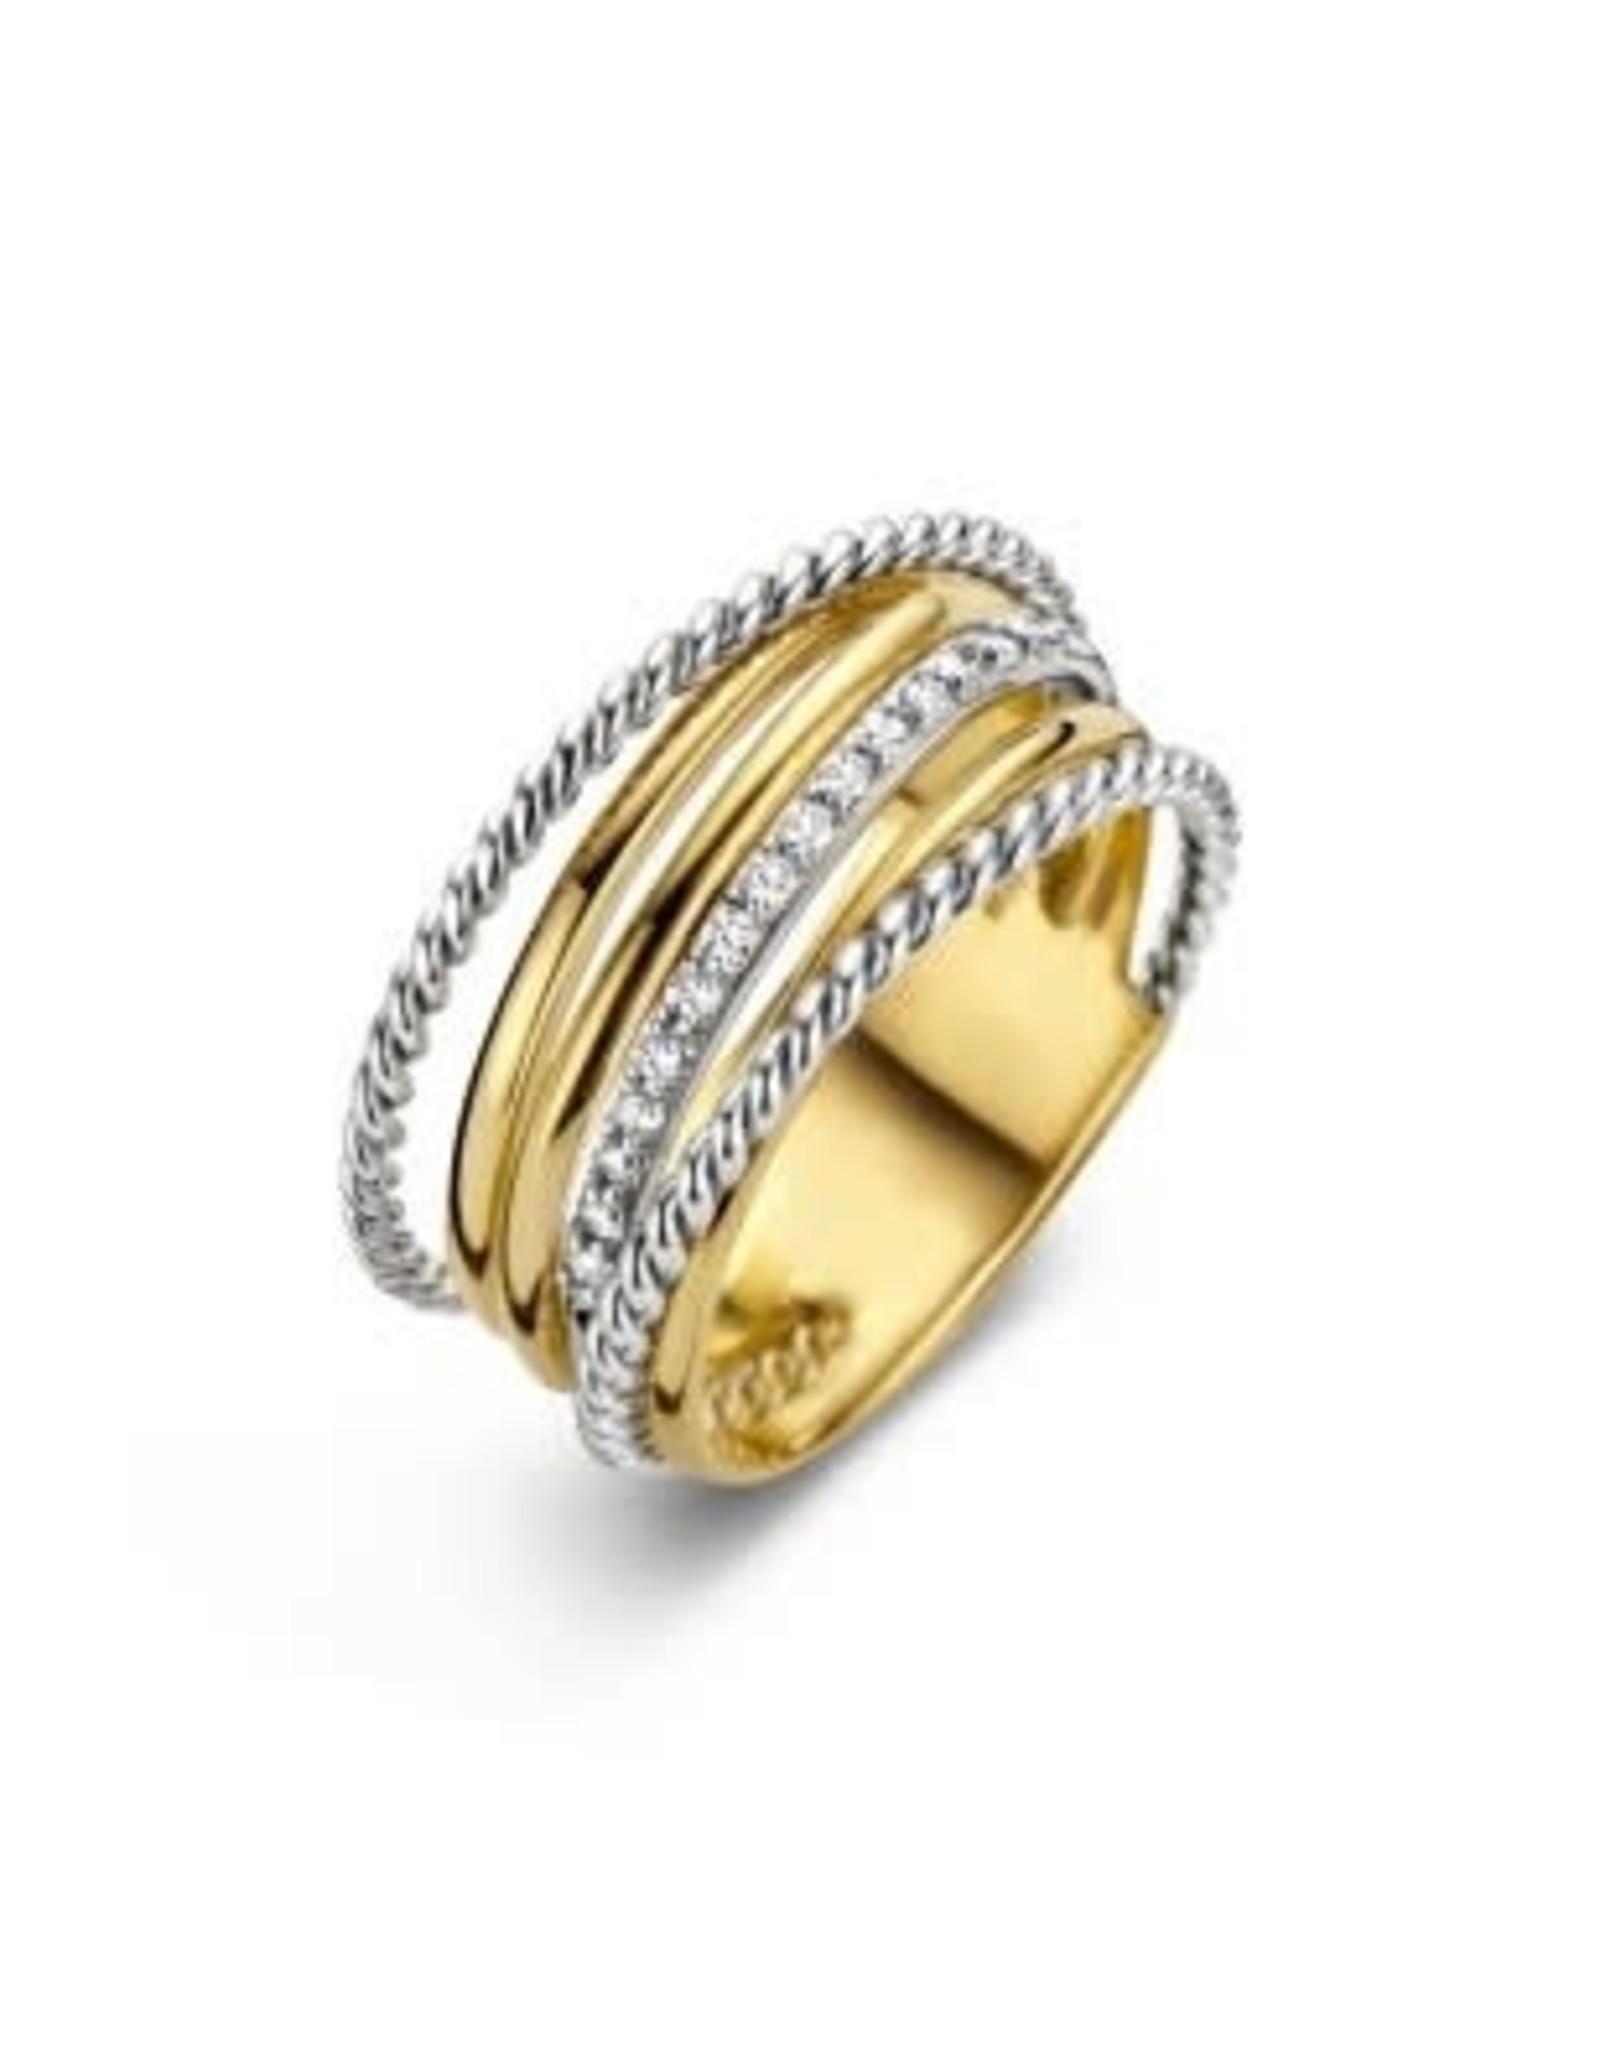 Ring Bicolor Geel/Wit Goud 18kt SR3360BB